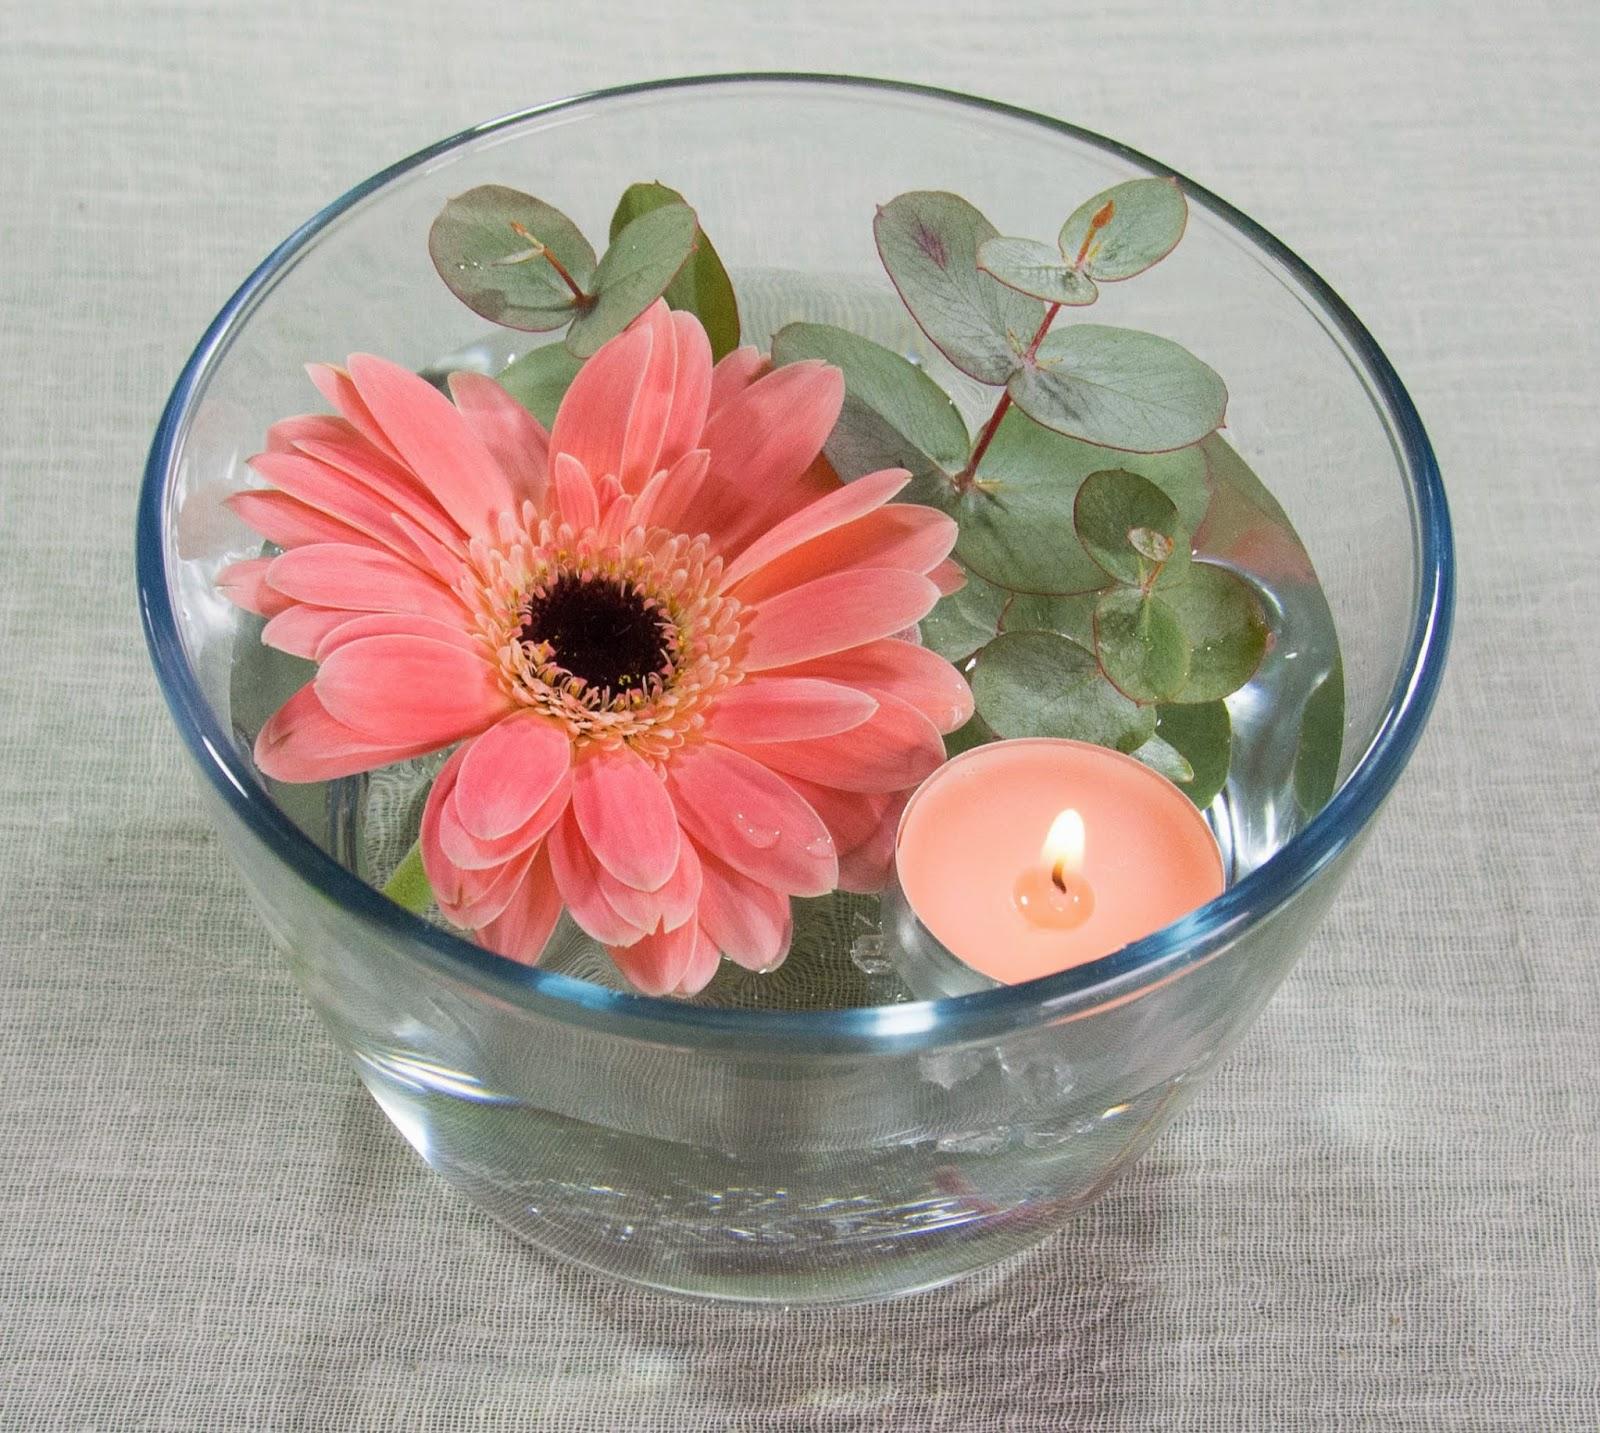 Imagenes de centros de mesa con flores naturales for Centros de mesa con plantas naturales